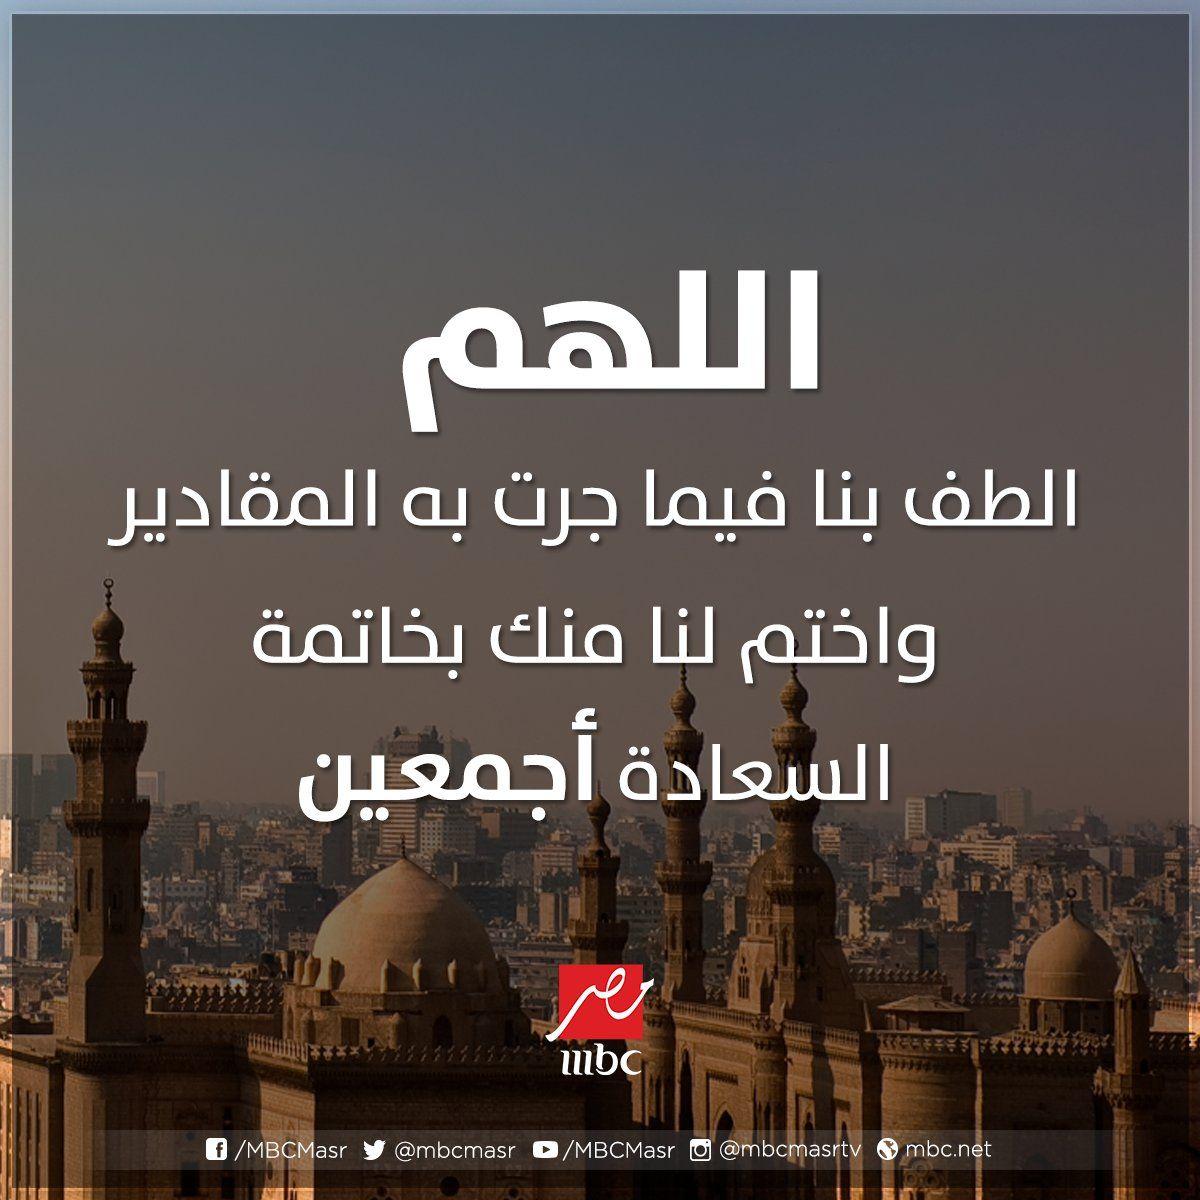 نتيجة بحث الصور عن اللهم الطف بنا فيما جرت به المقادير Deep Words Islam Quran Home Decor Decals